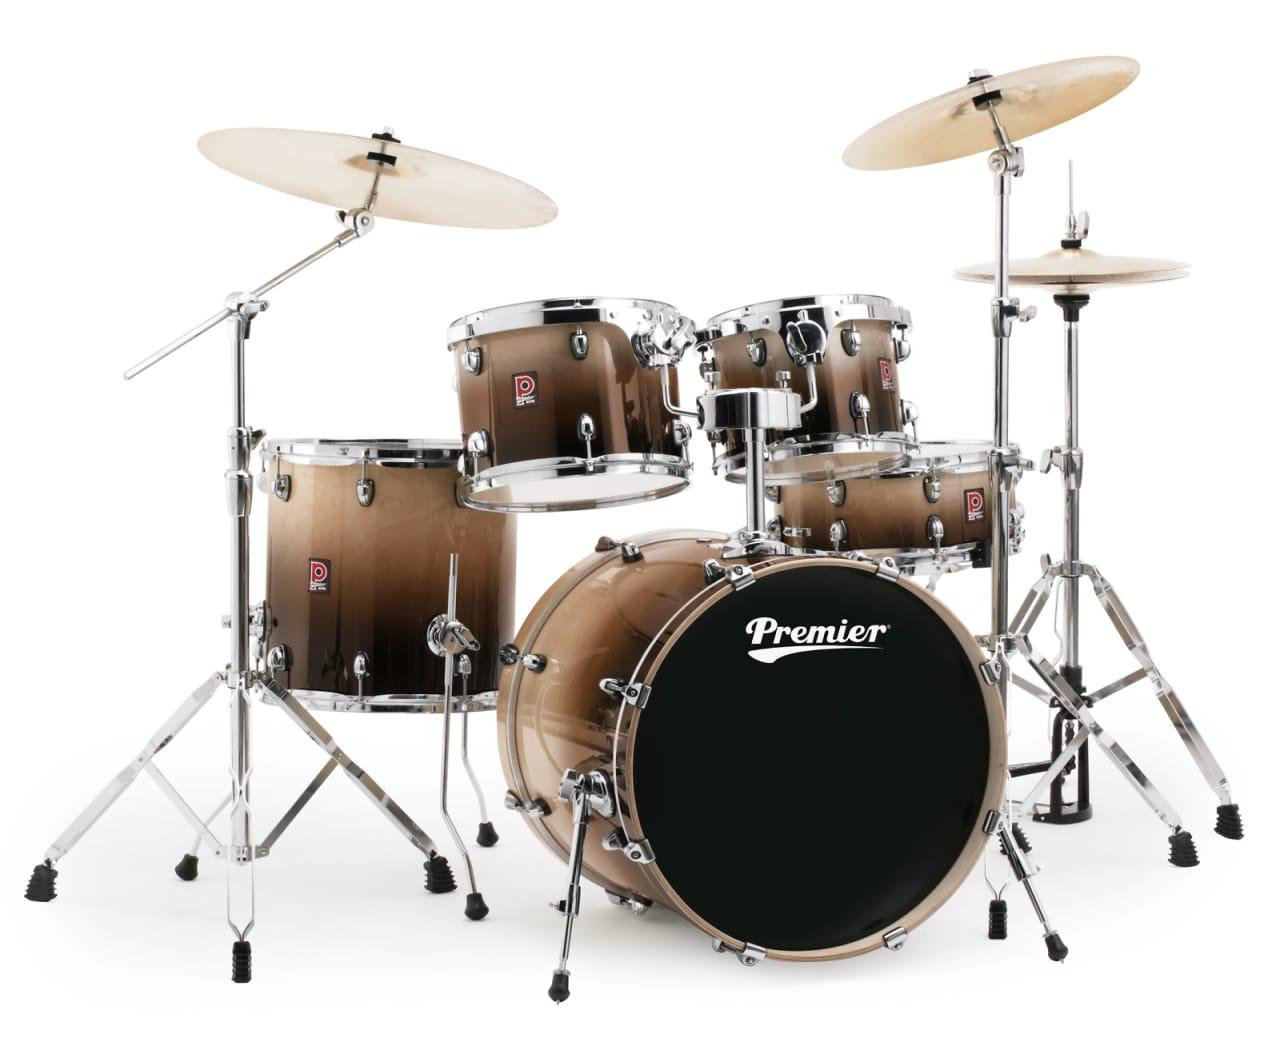 premier drums xpk lacquer birch series 6489944lfl 5 piece reverb. Black Bedroom Furniture Sets. Home Design Ideas